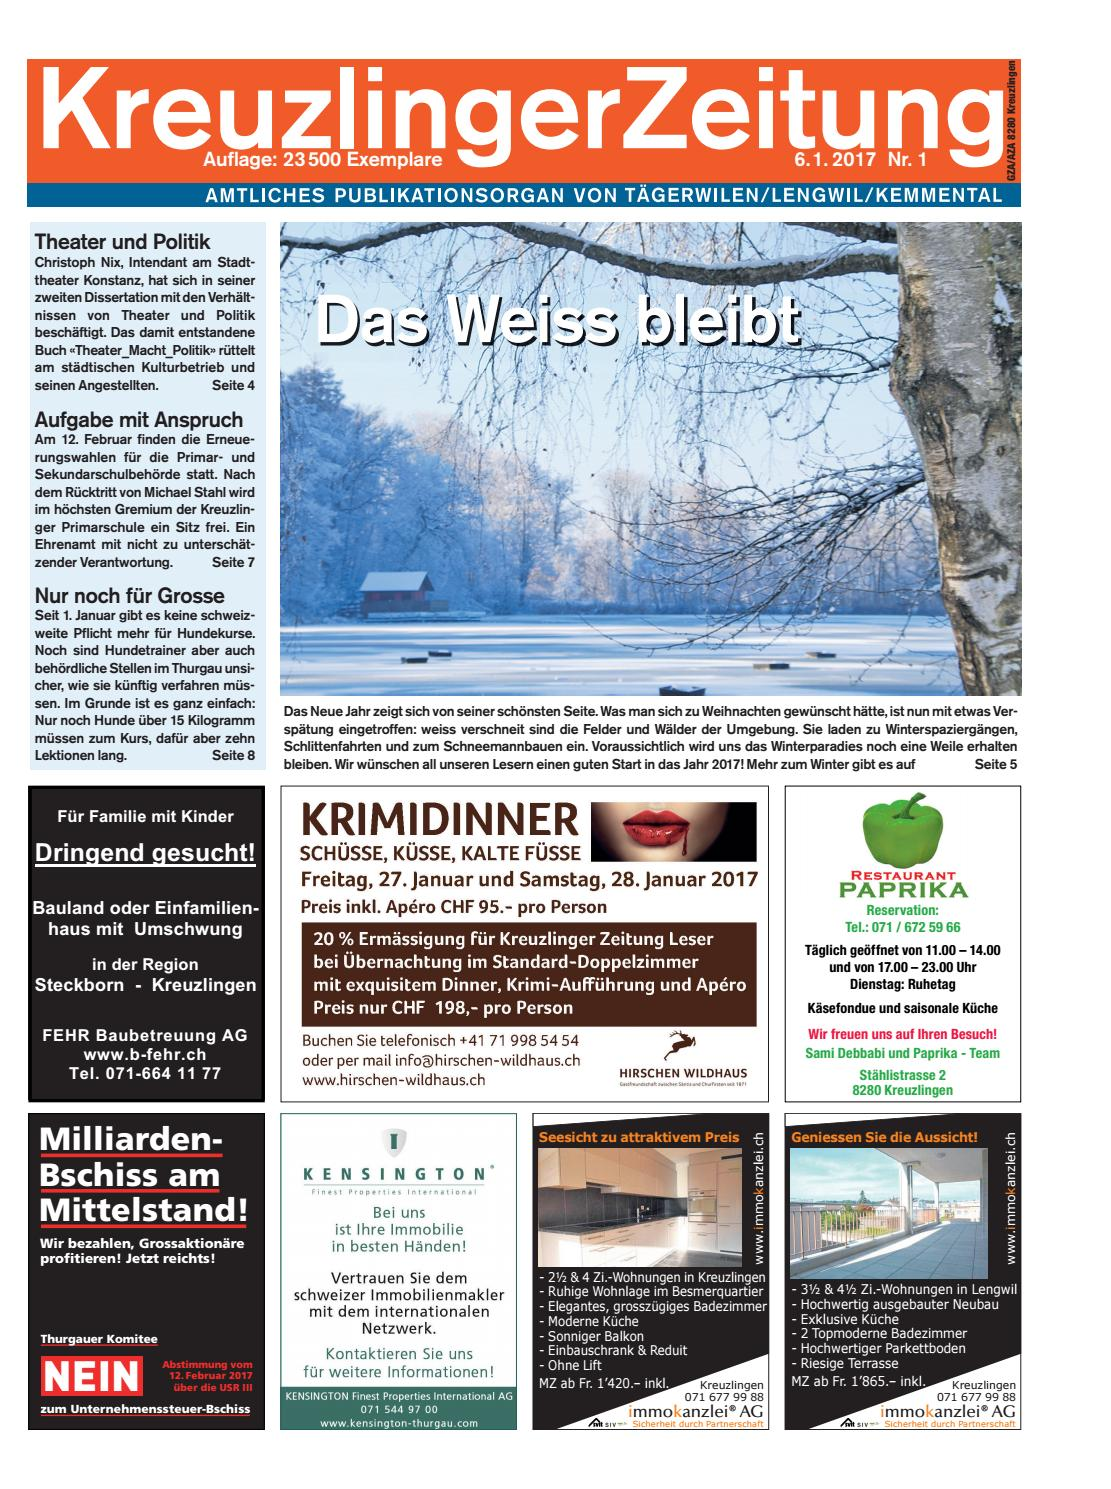 Kreuzlingerzeitung Klz 1 2017 By Kreuzlingerzeitung Issuu